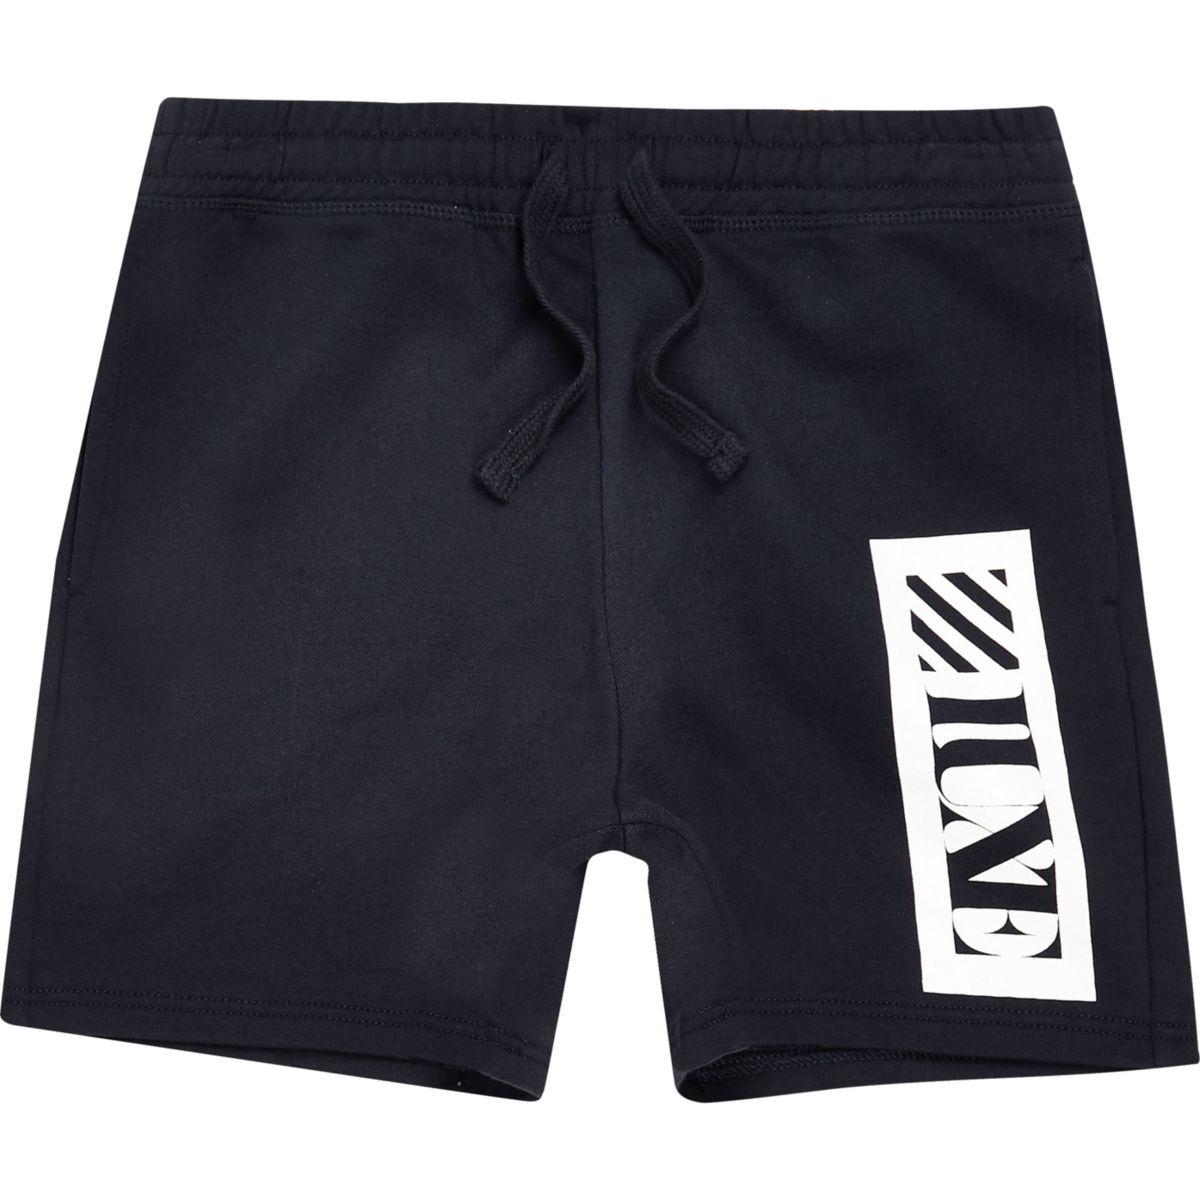 Boys navy 'Luxe' shorts